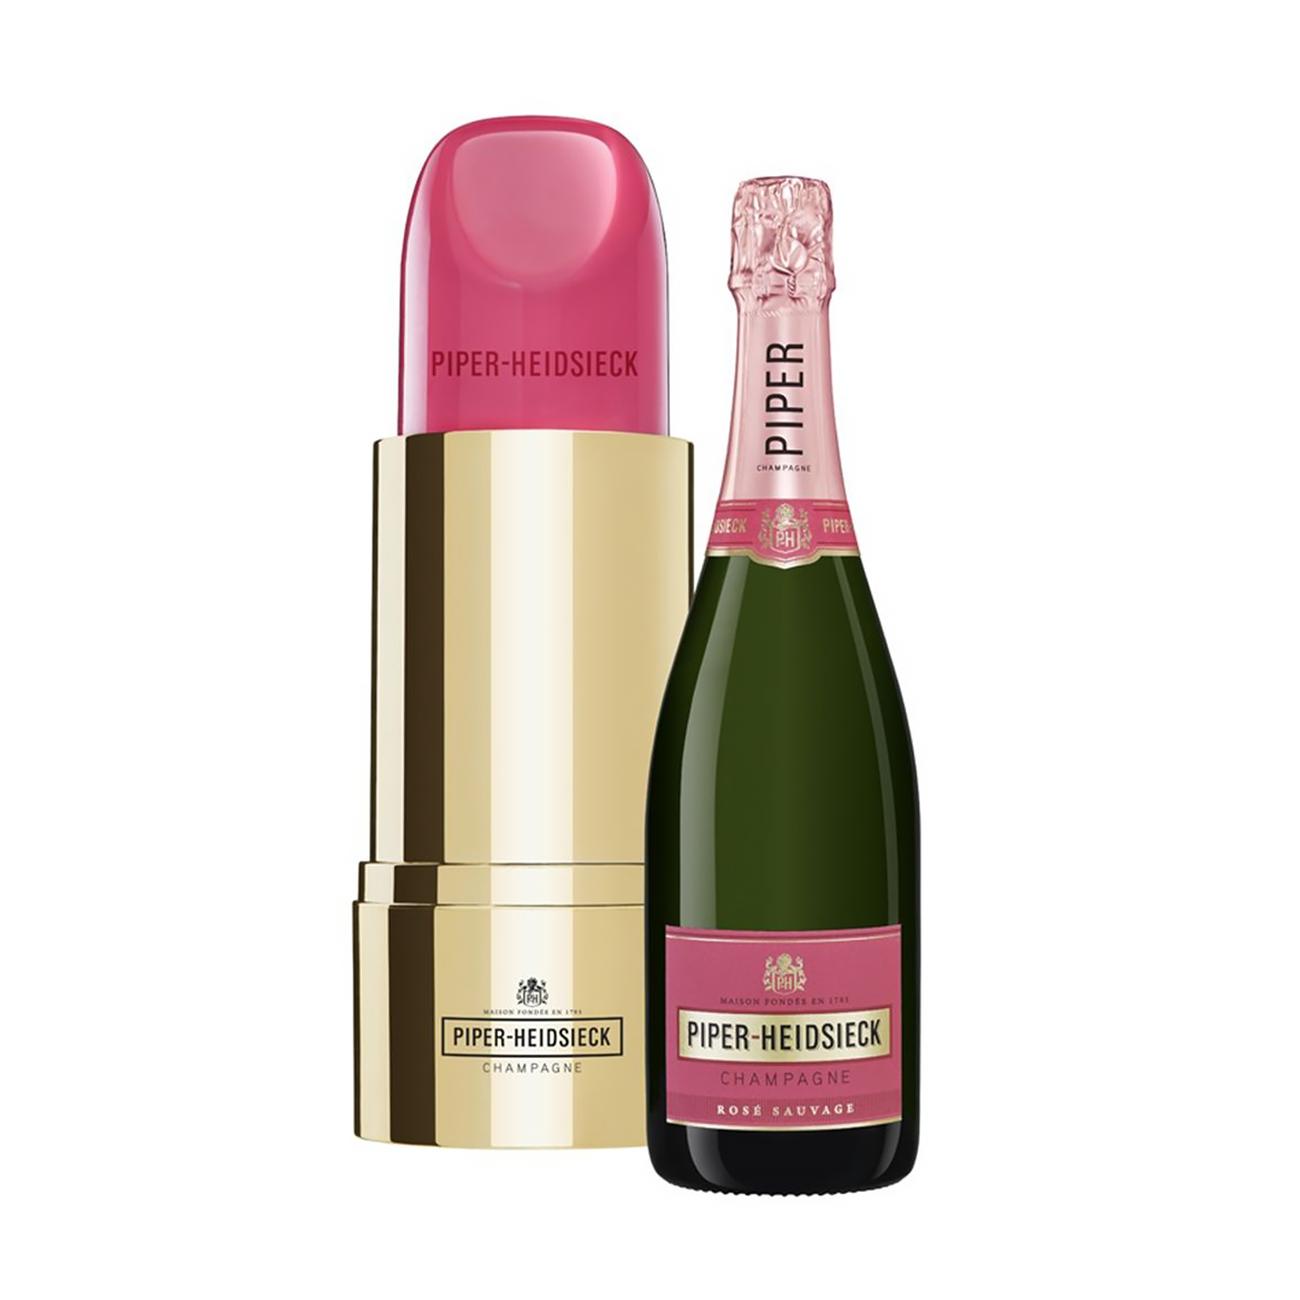 Sampanie, Rosé Sauvage 750ml, Piper-Heidsieck